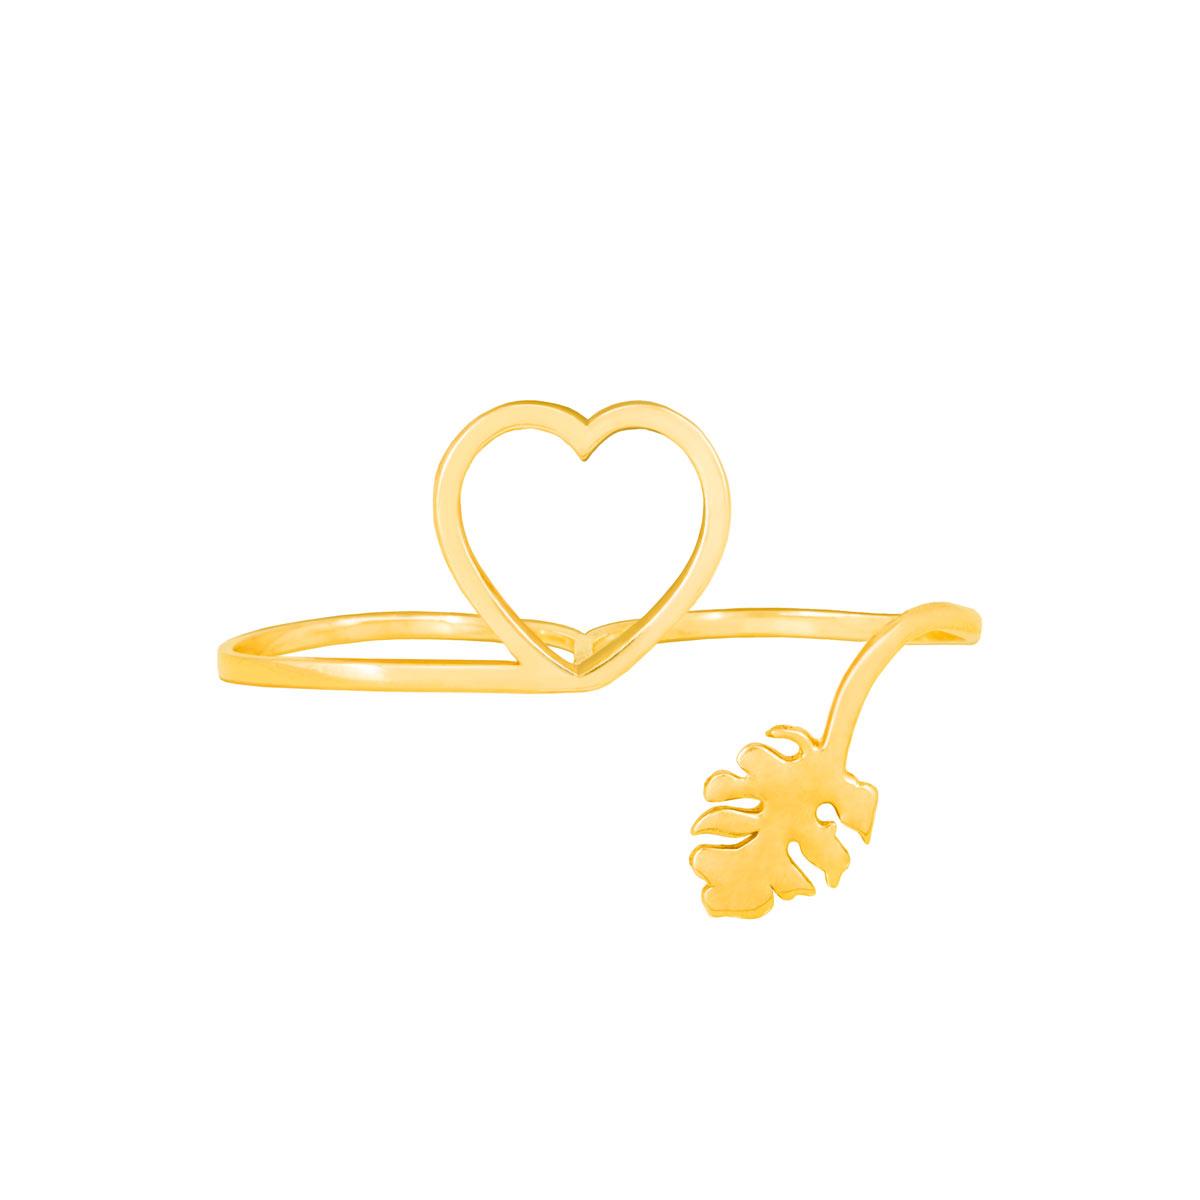 انگشتر طلا آنیلا